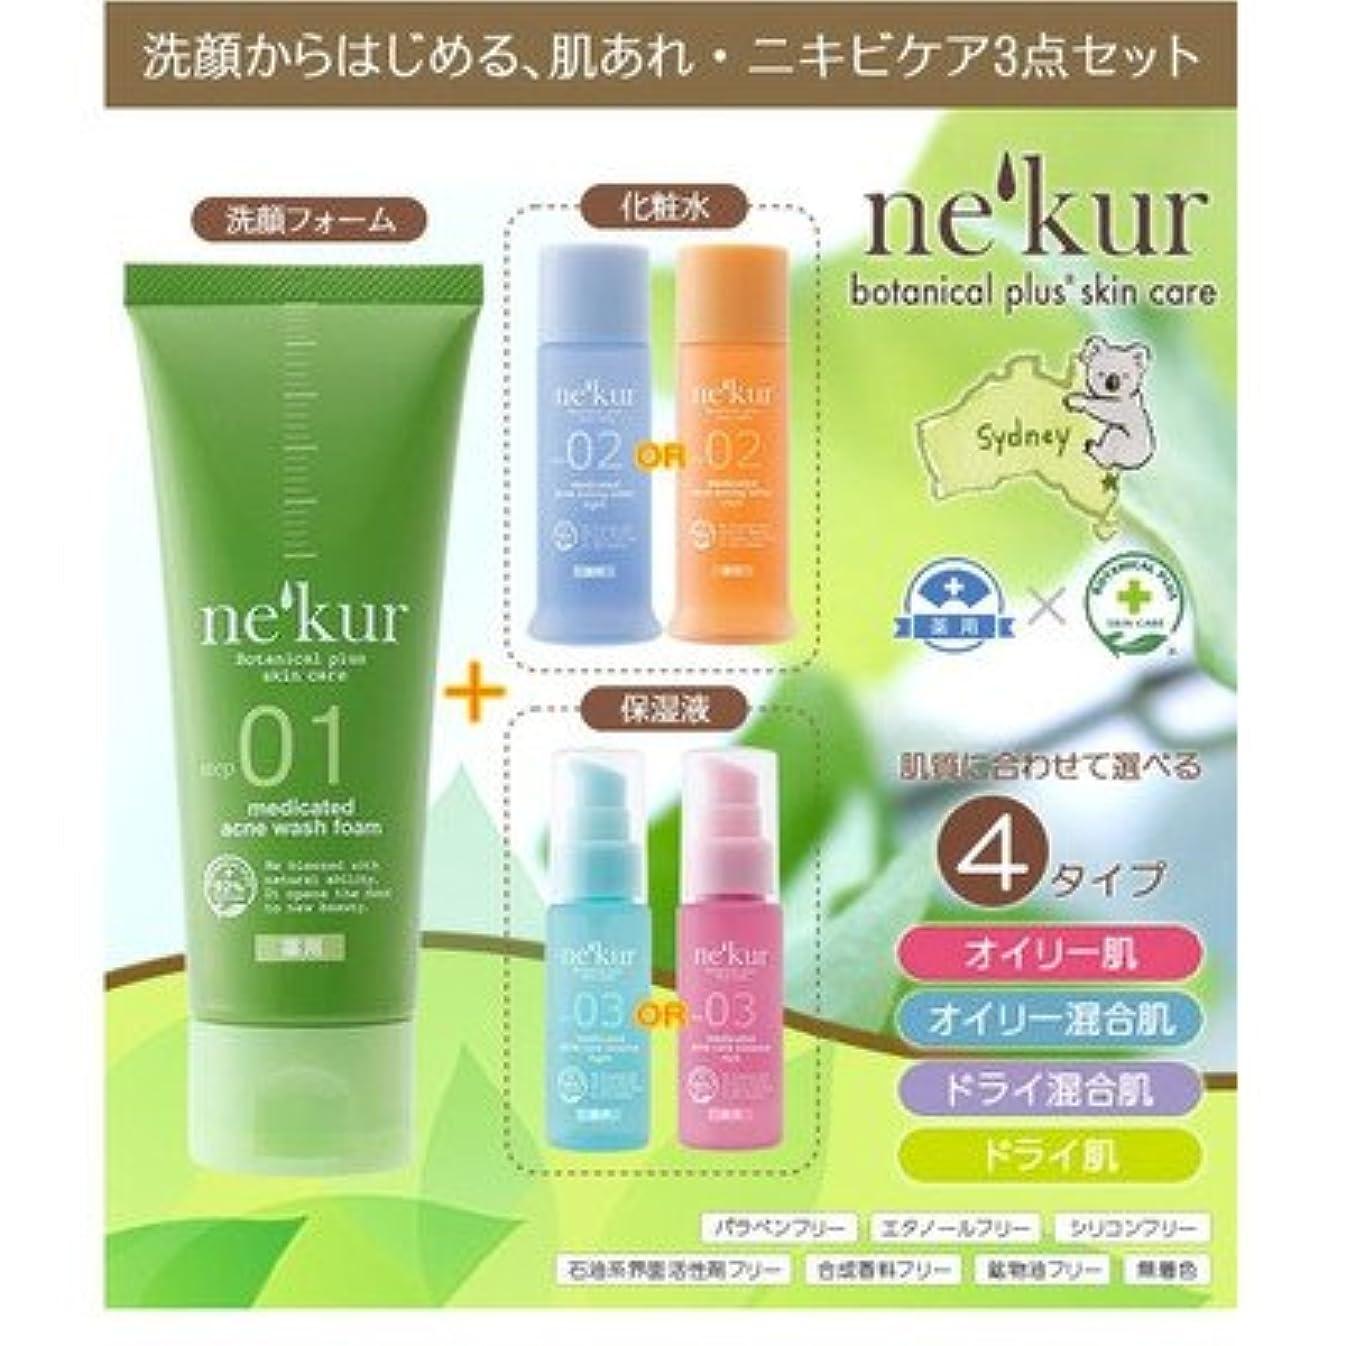 基礎息子メトリックネクア(nekur) ボタニカルプラススキンケア 薬用アクネ洗顔3点セット ドライ混合肌セット( 画像はイメージ画像です お届けの商品はドライ混合肌セットのみとなります)